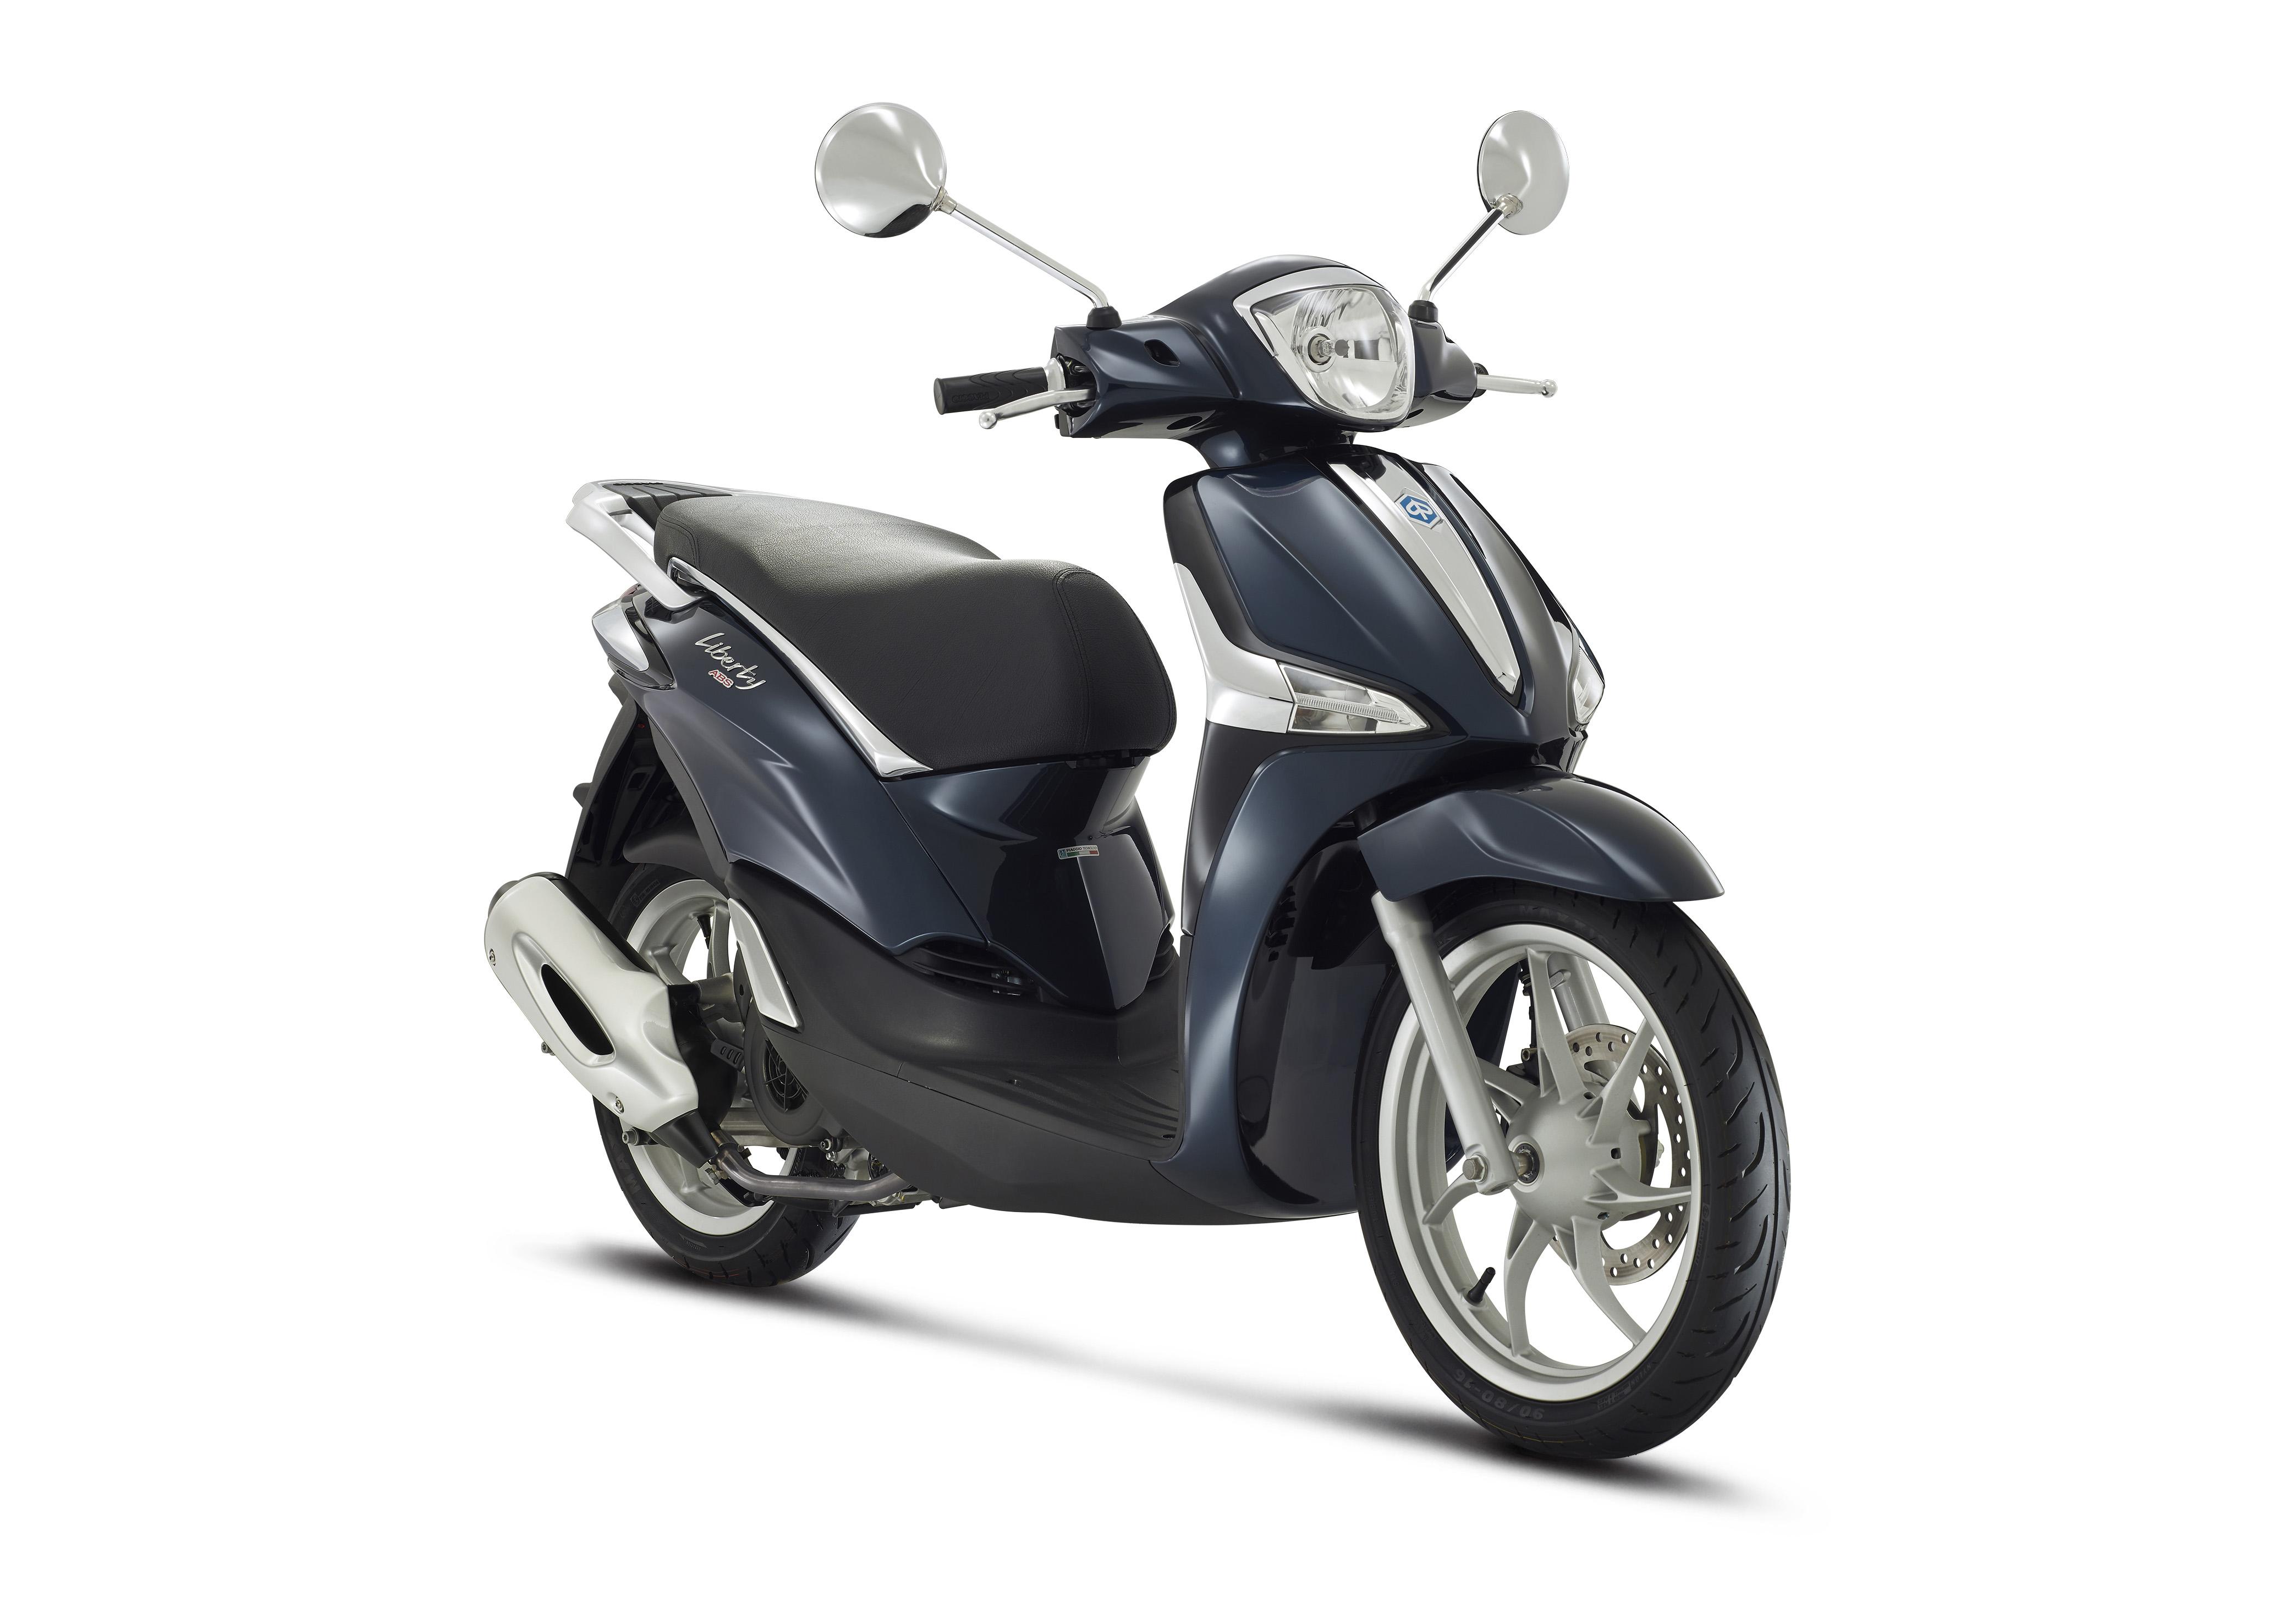 pneu moto occasion marseille votre site sp cialis dans les accessoires automobiles. Black Bedroom Furniture Sets. Home Design Ideas